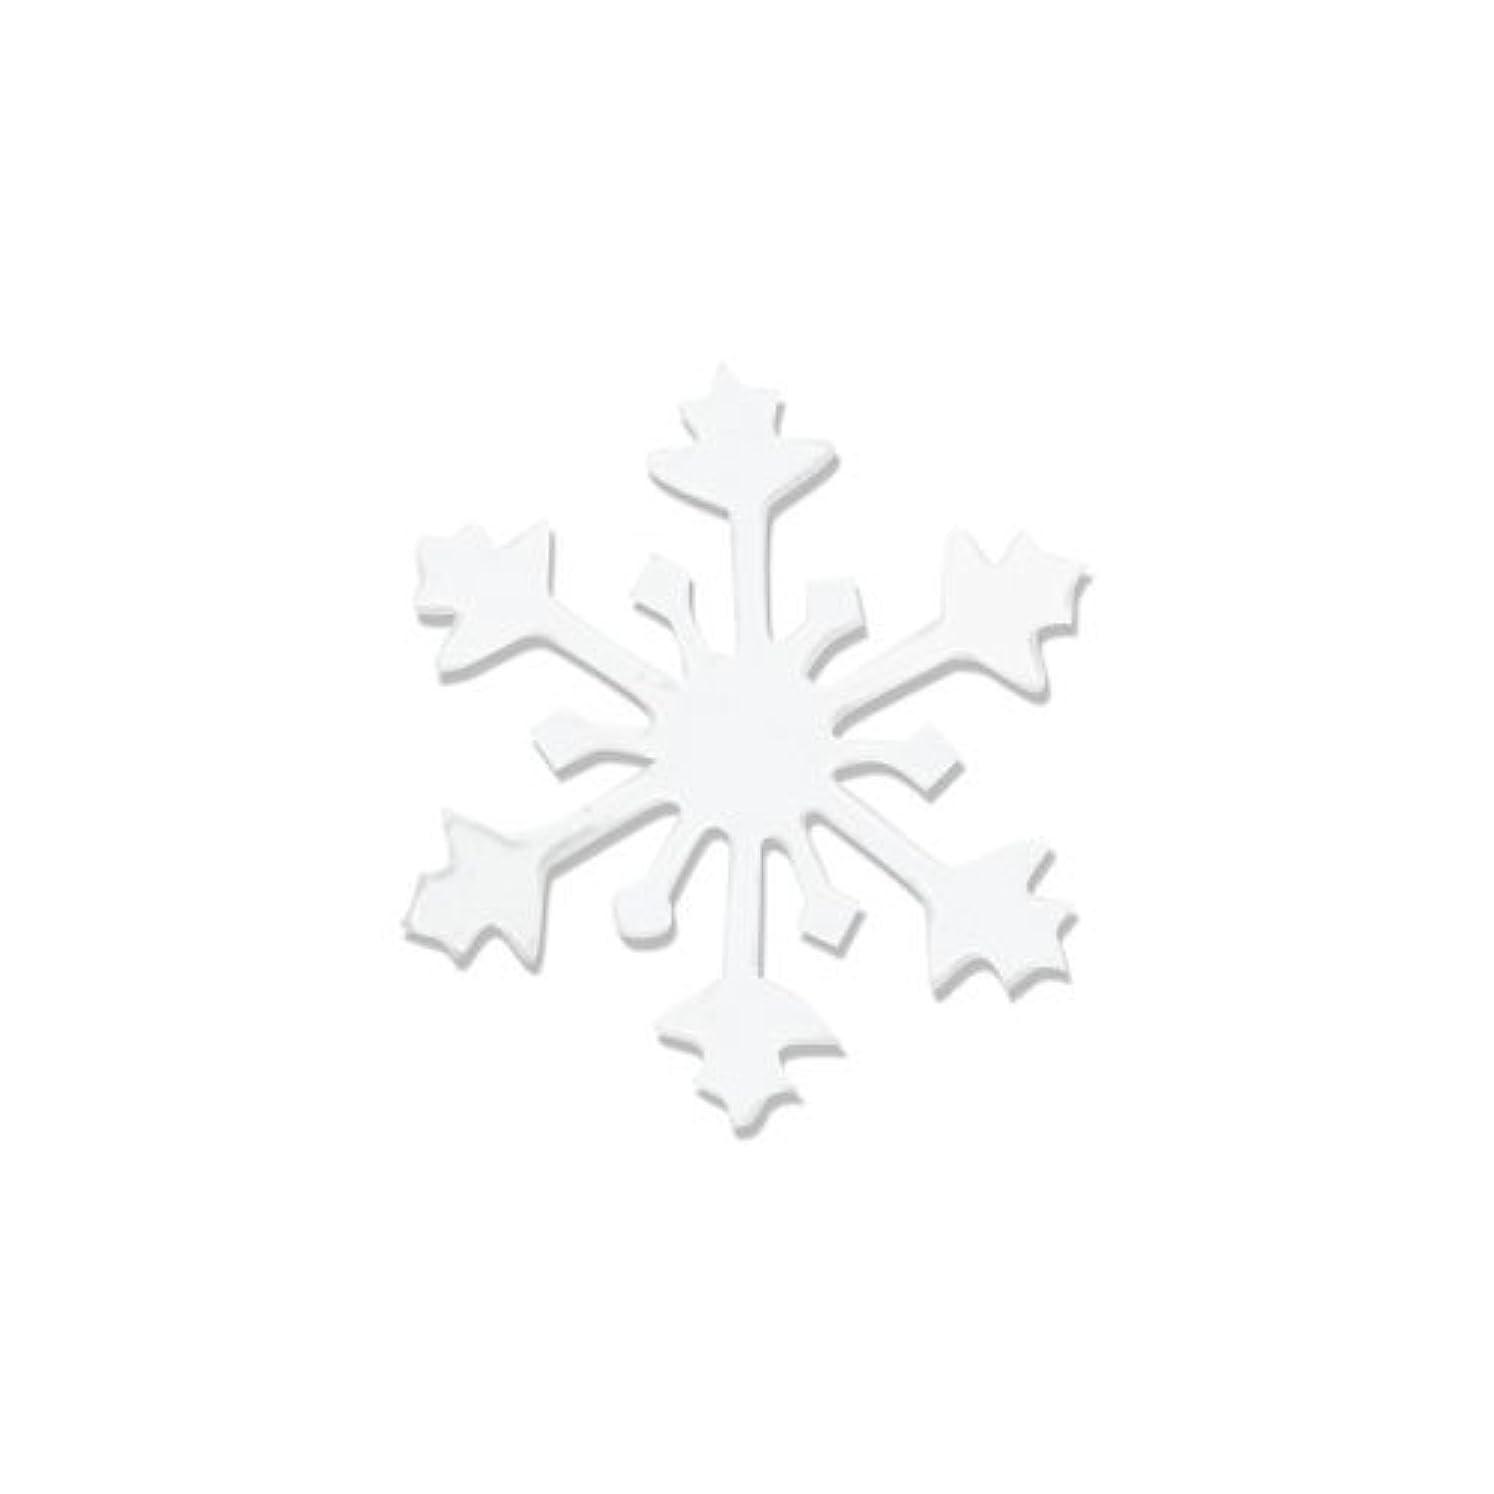 名誉順応性のあるジョグリトルプリティー ネイルアートパーツ スノークリスタル SS ホワイト 15個